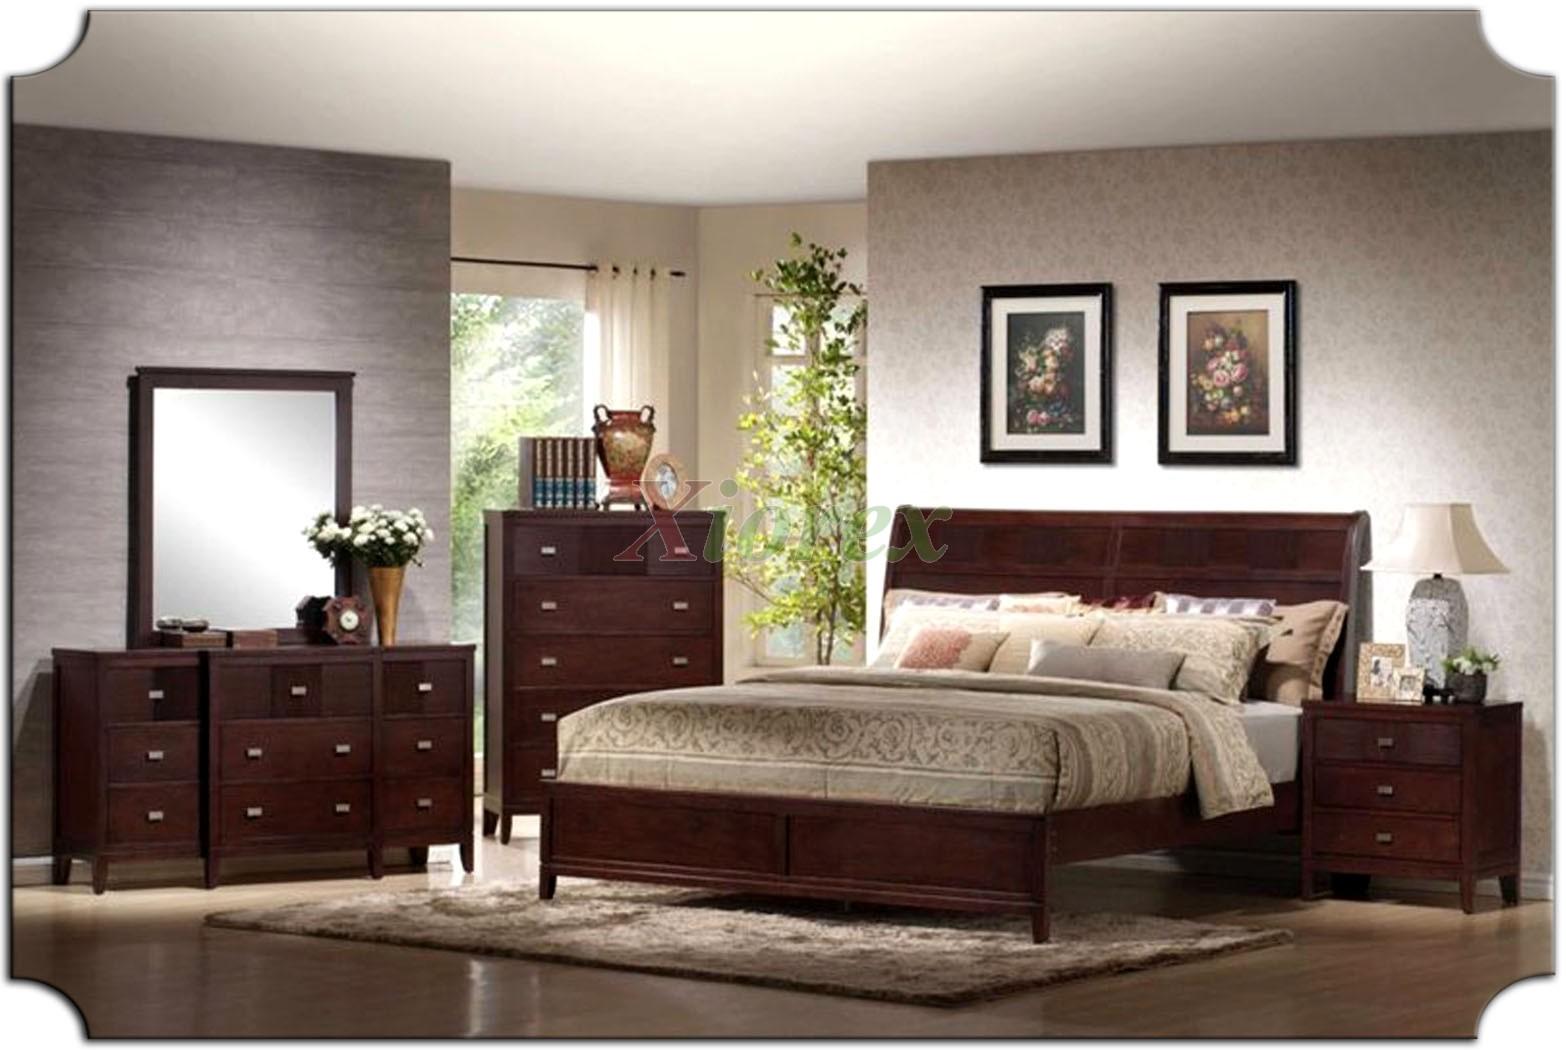 bedroom furniture sets platform bedroom furniture set with curved headboard beds 167 | xiorex JKLHASJ